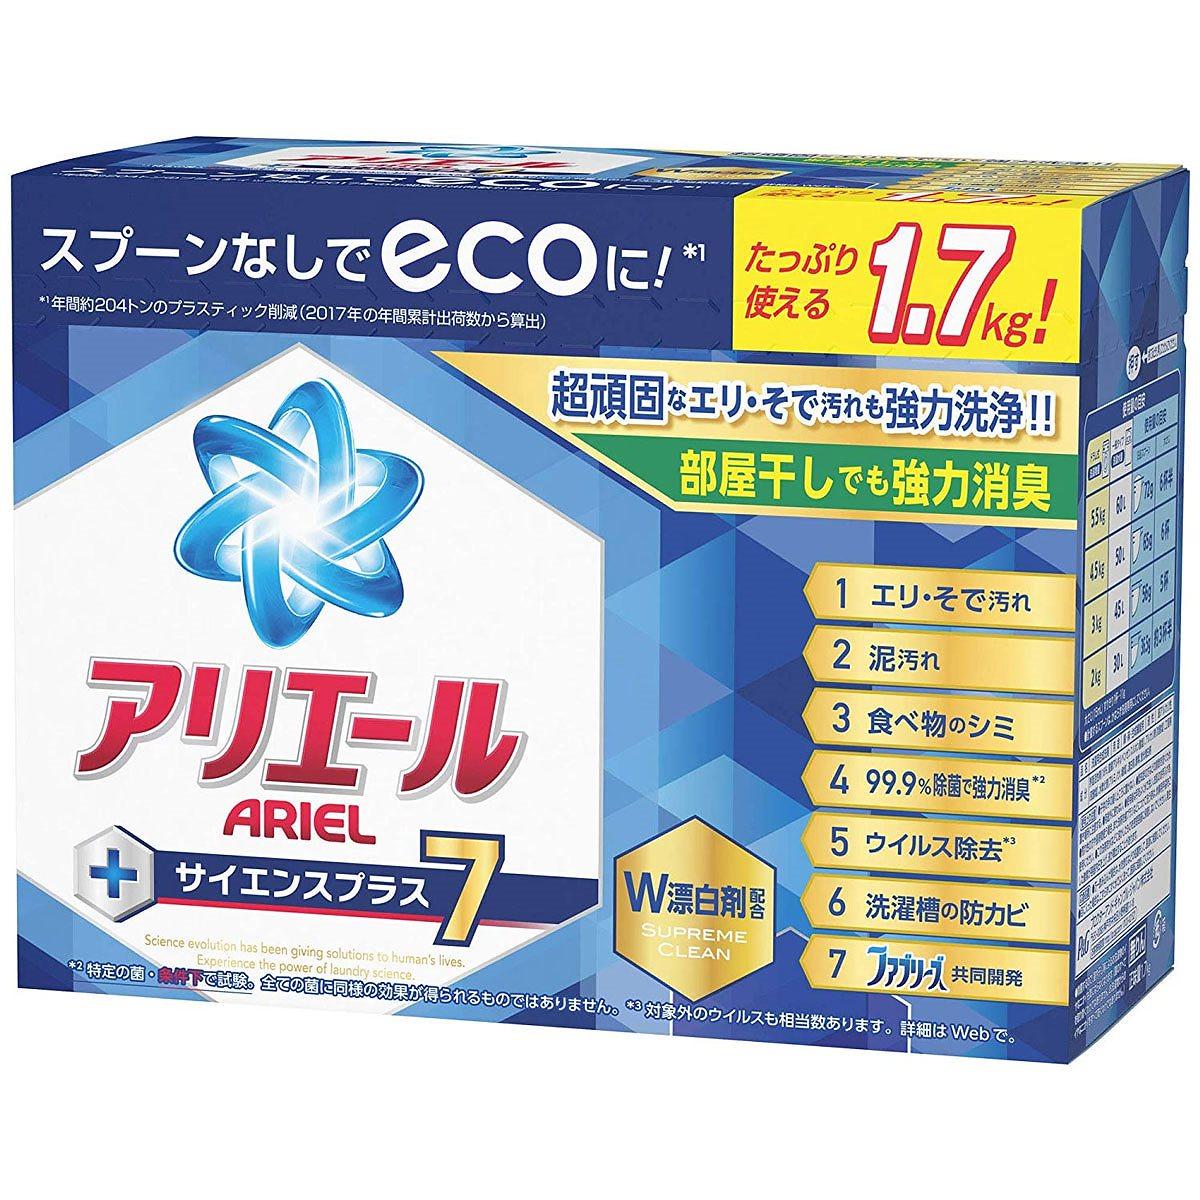 アリエール 洗濯洗剤 粉末 サイエンスプラス7 本体 ラージサイズ 1.7kg